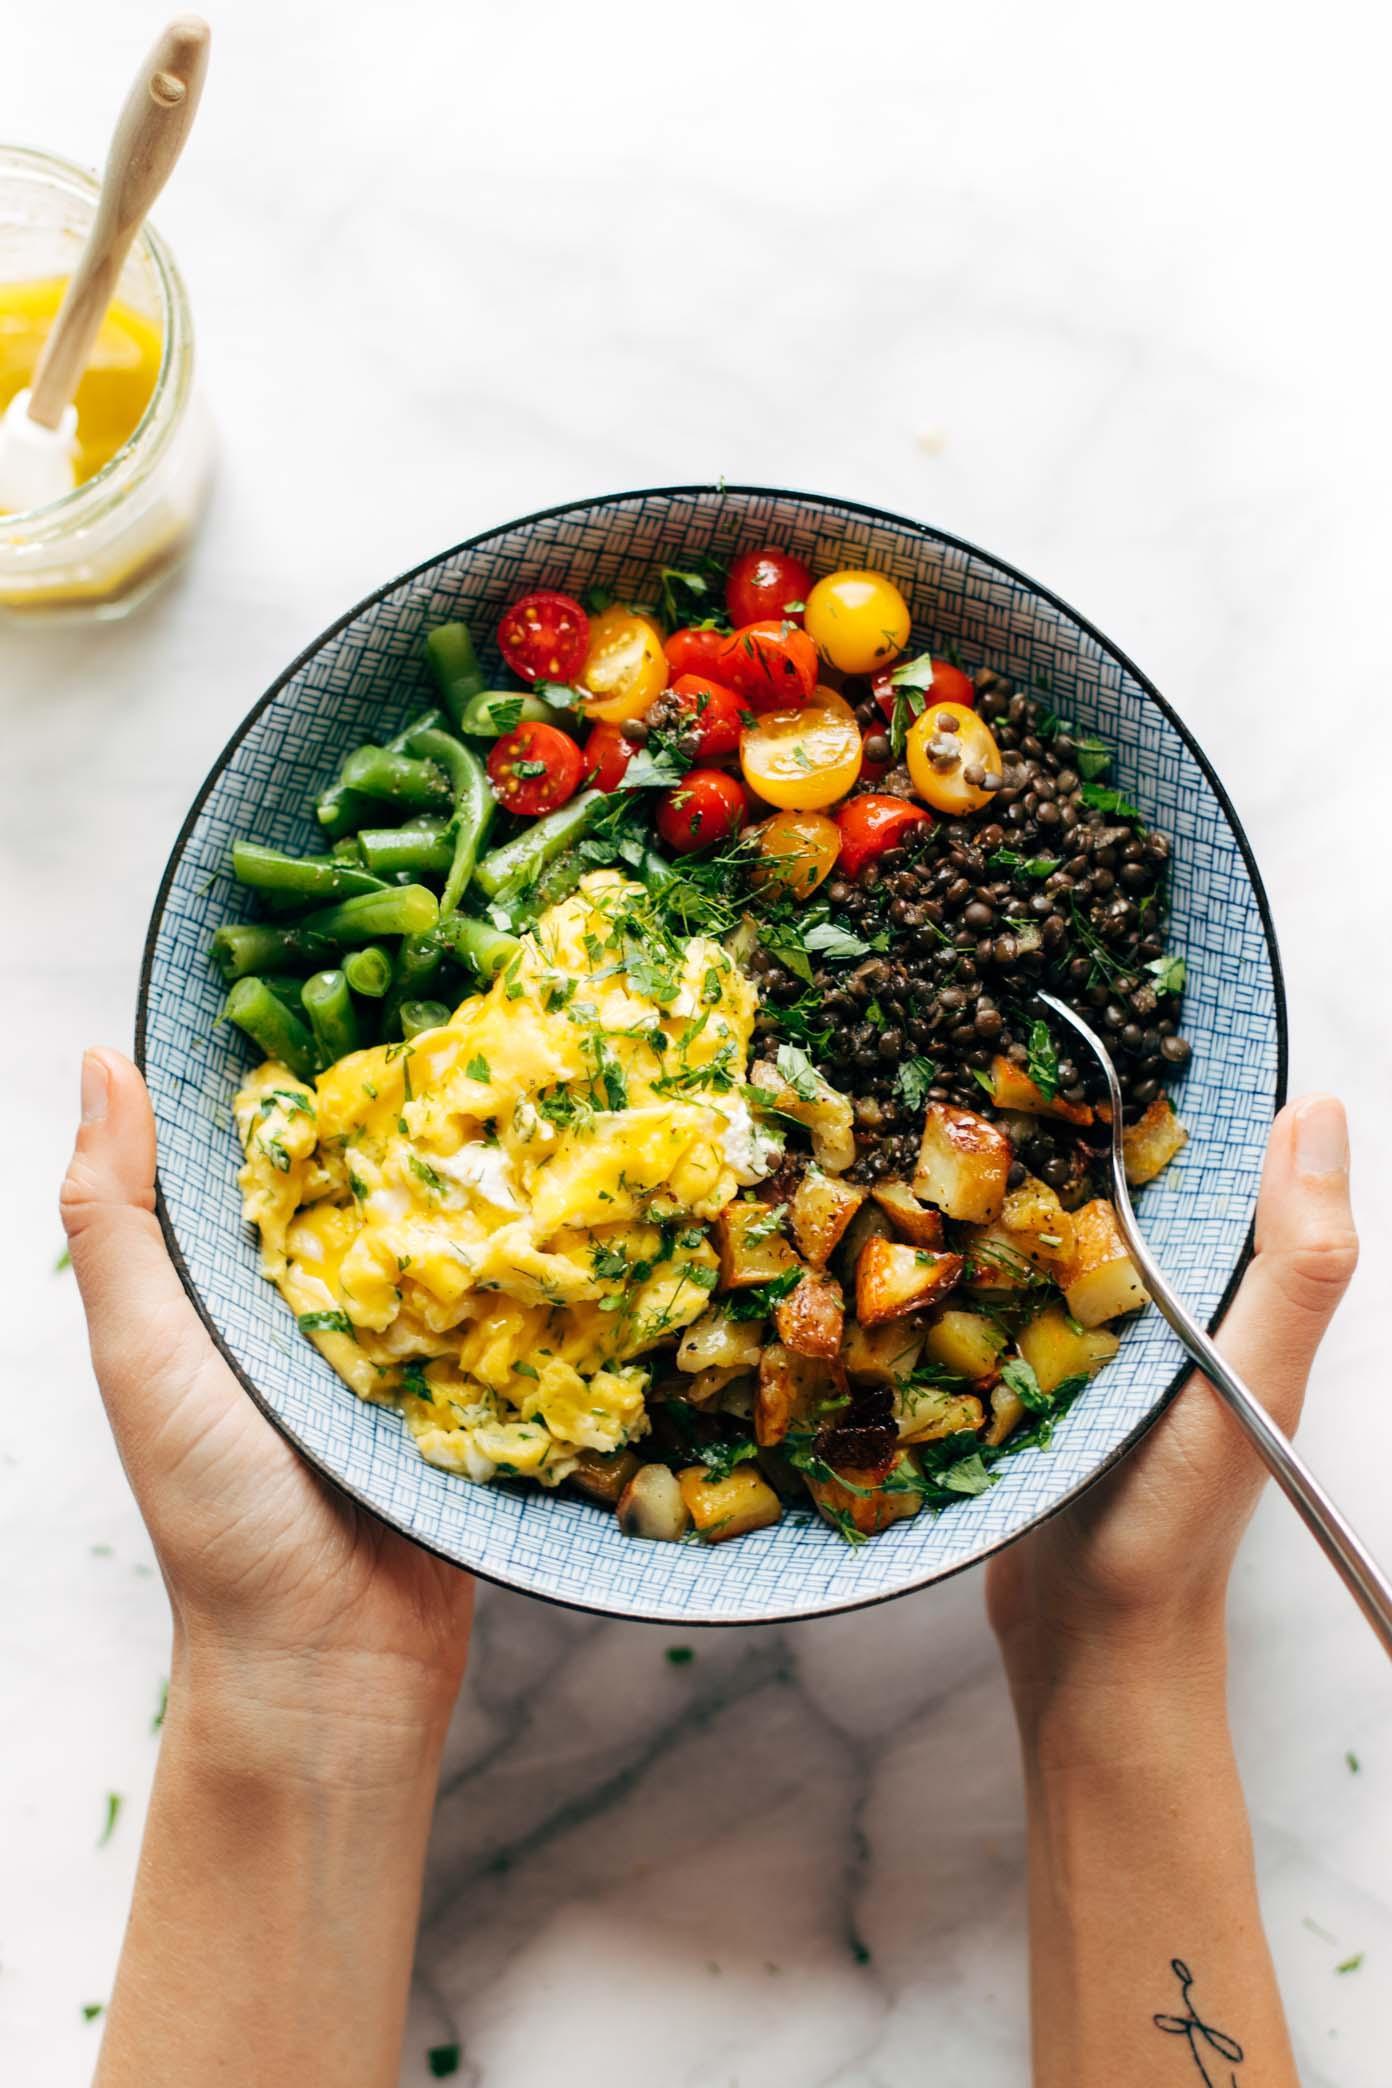 Food on bowl photo